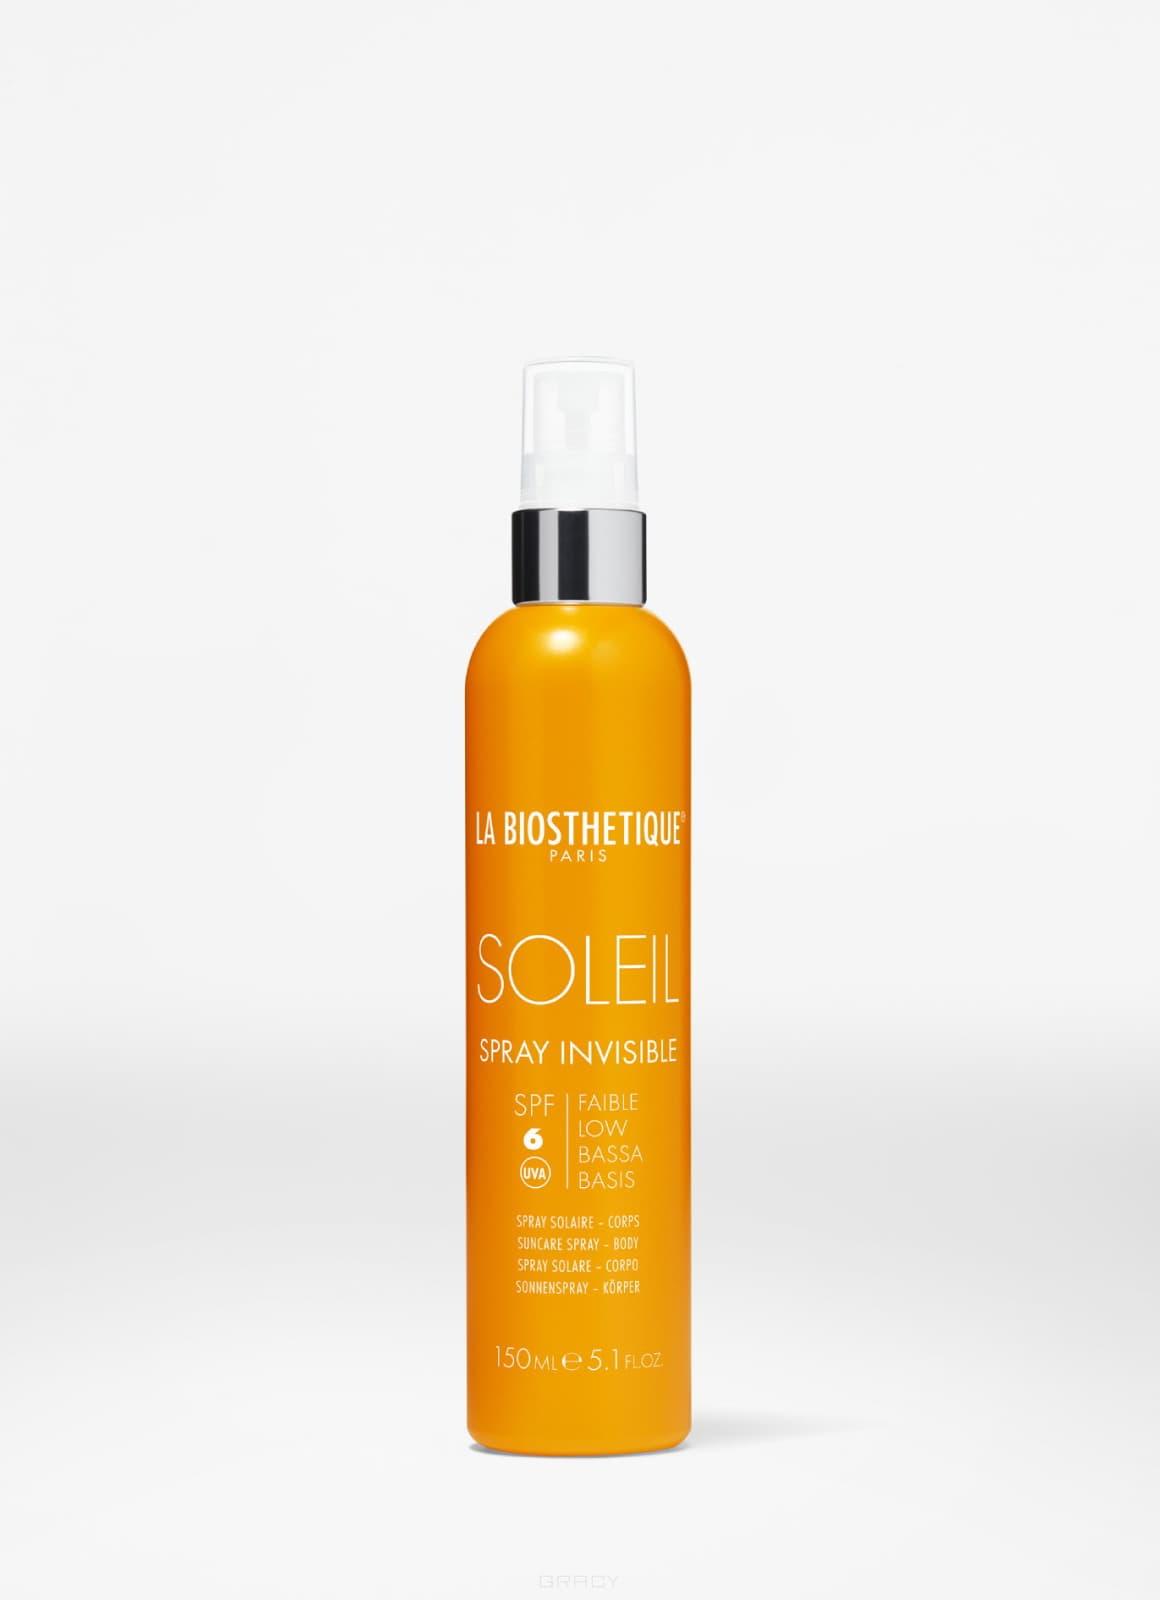 La Biosthetique - Водостойкоий солнцезащитный спрей с SPF 6 для базовой защиты Methode Soleil Spray Invisible SPF 6 Corps, 150 мл